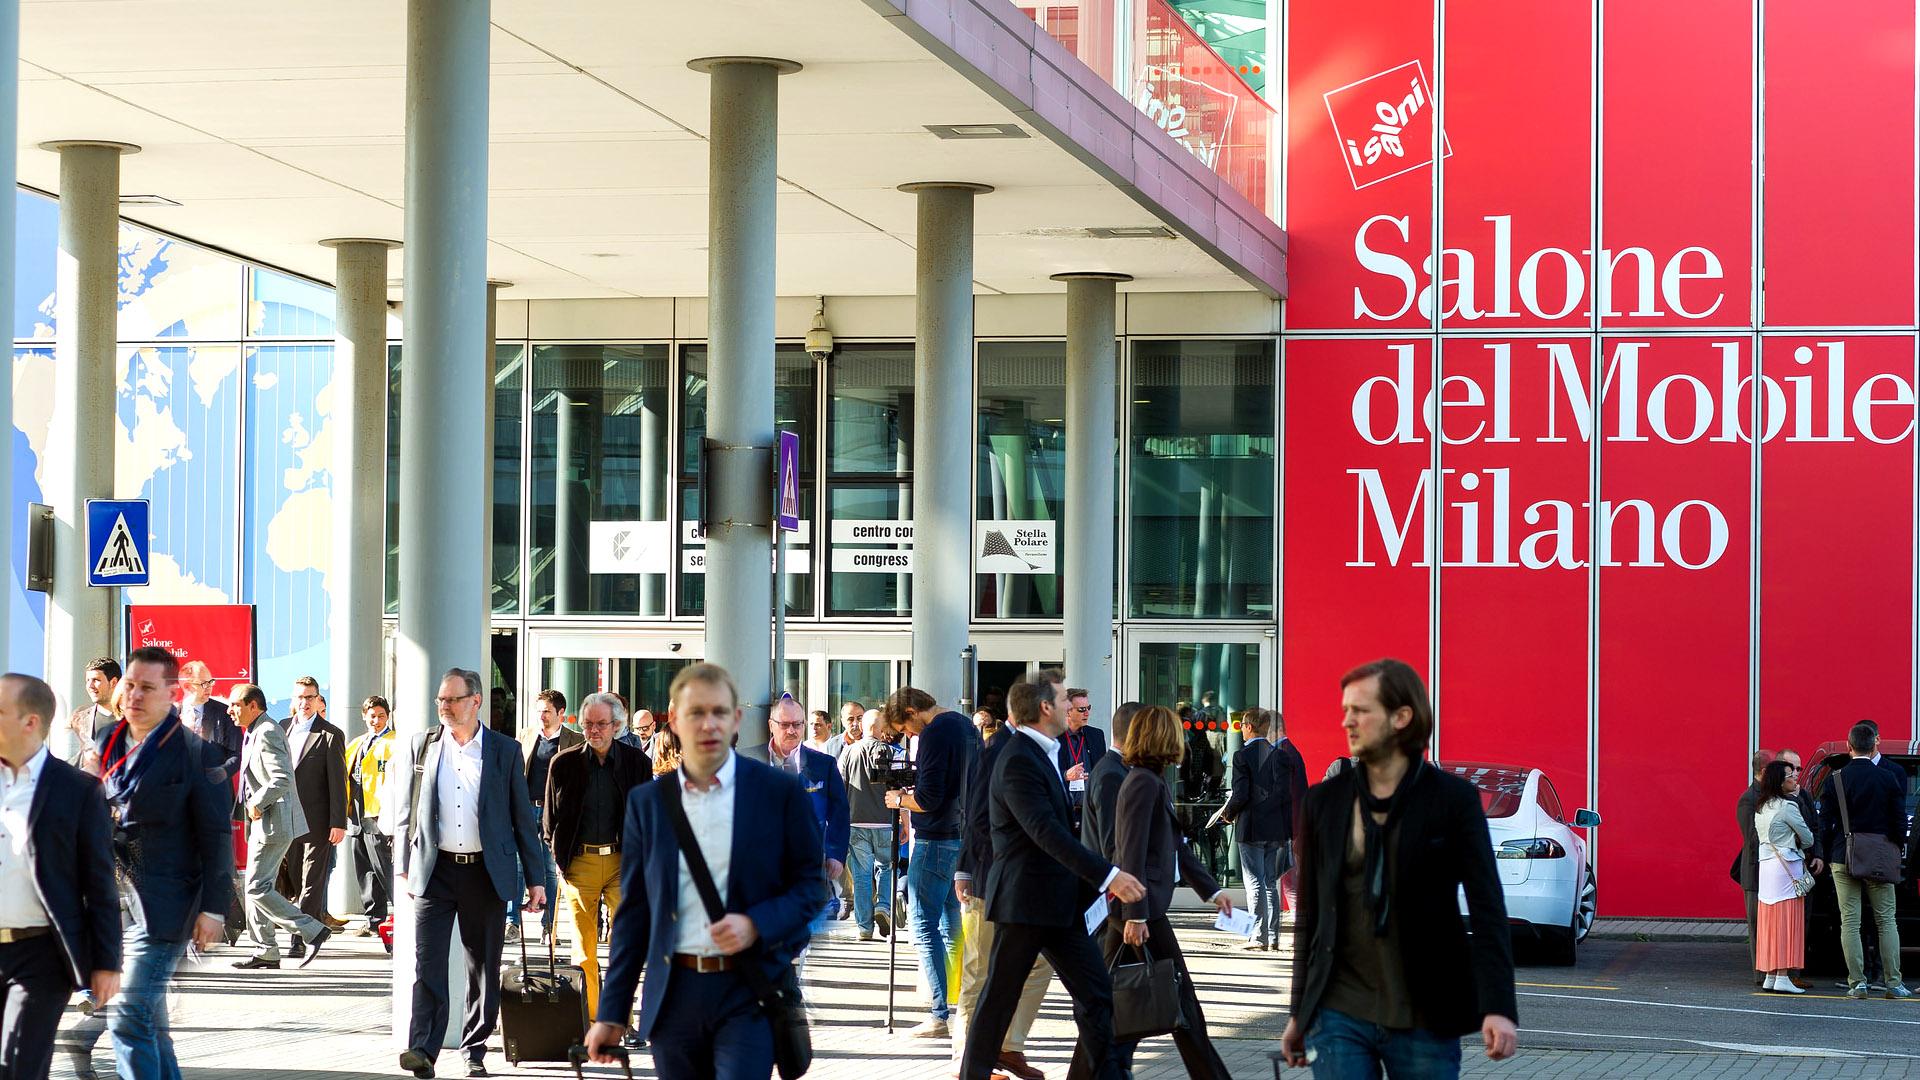 Salone del mobile milano 2016 najv ia v stava n bytku for Milano 2016